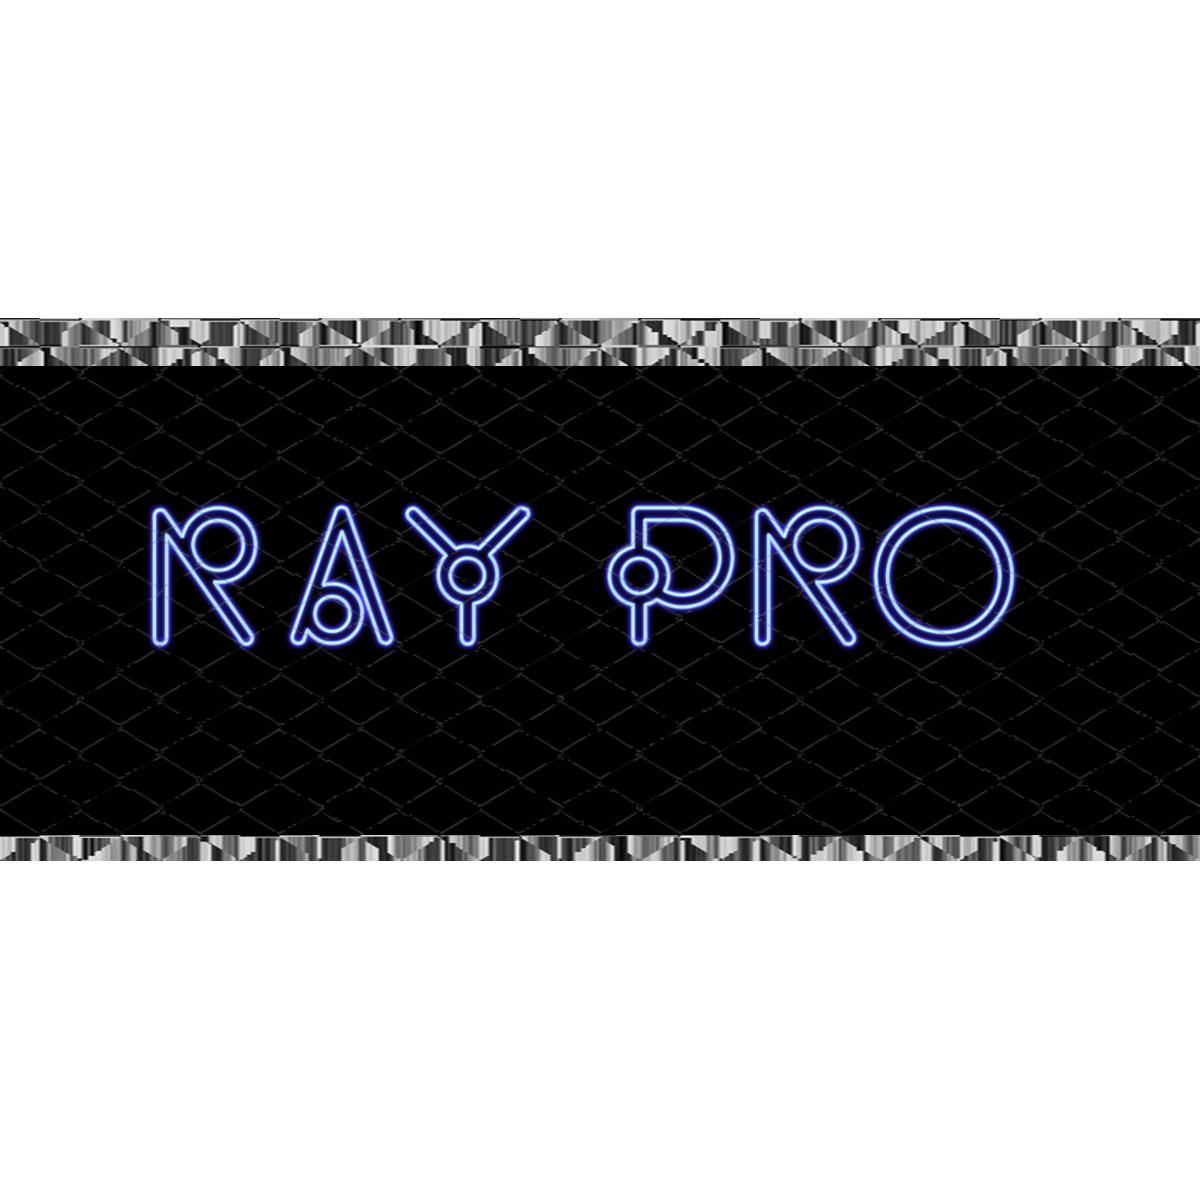 Разработка логотипа (продукт - светодиодная лента) фото f_9335bc1e6d562982.png